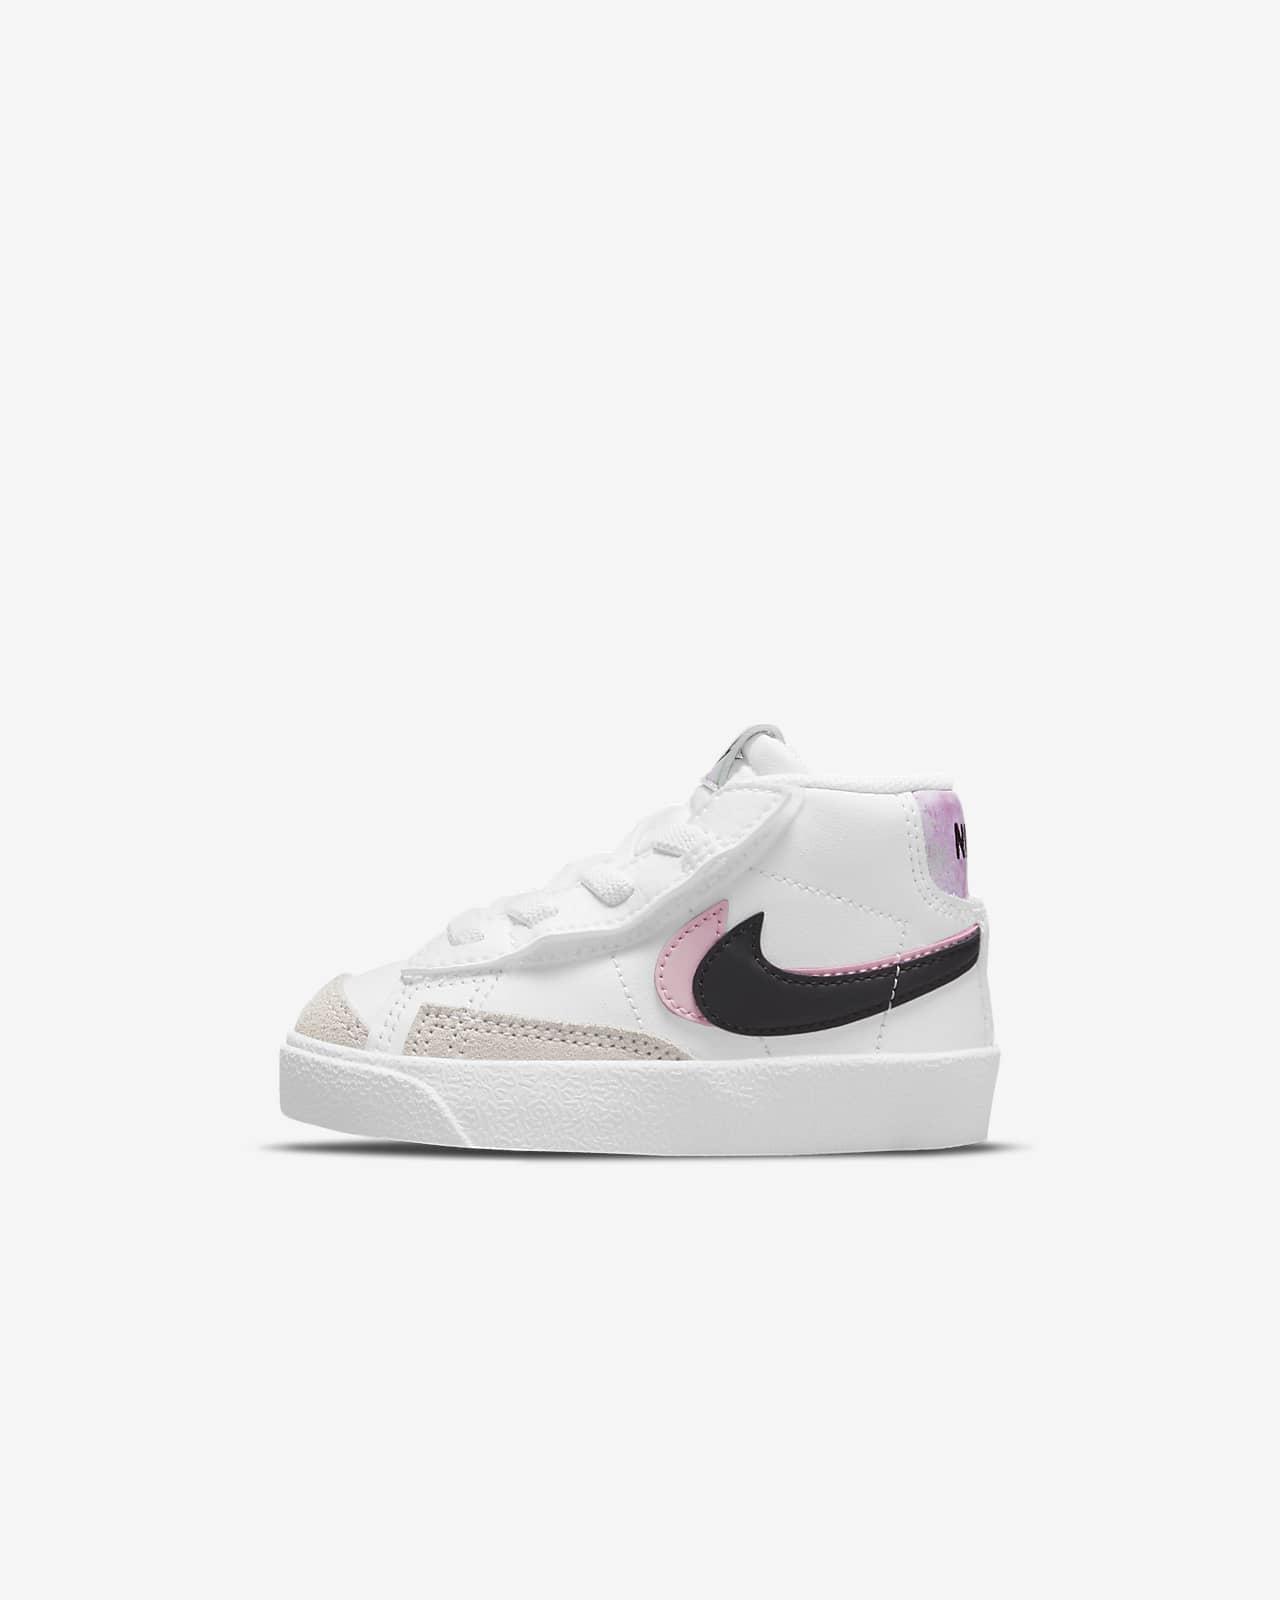 Nike Blazer Mid '77 SE Baby/Toddler Shoe